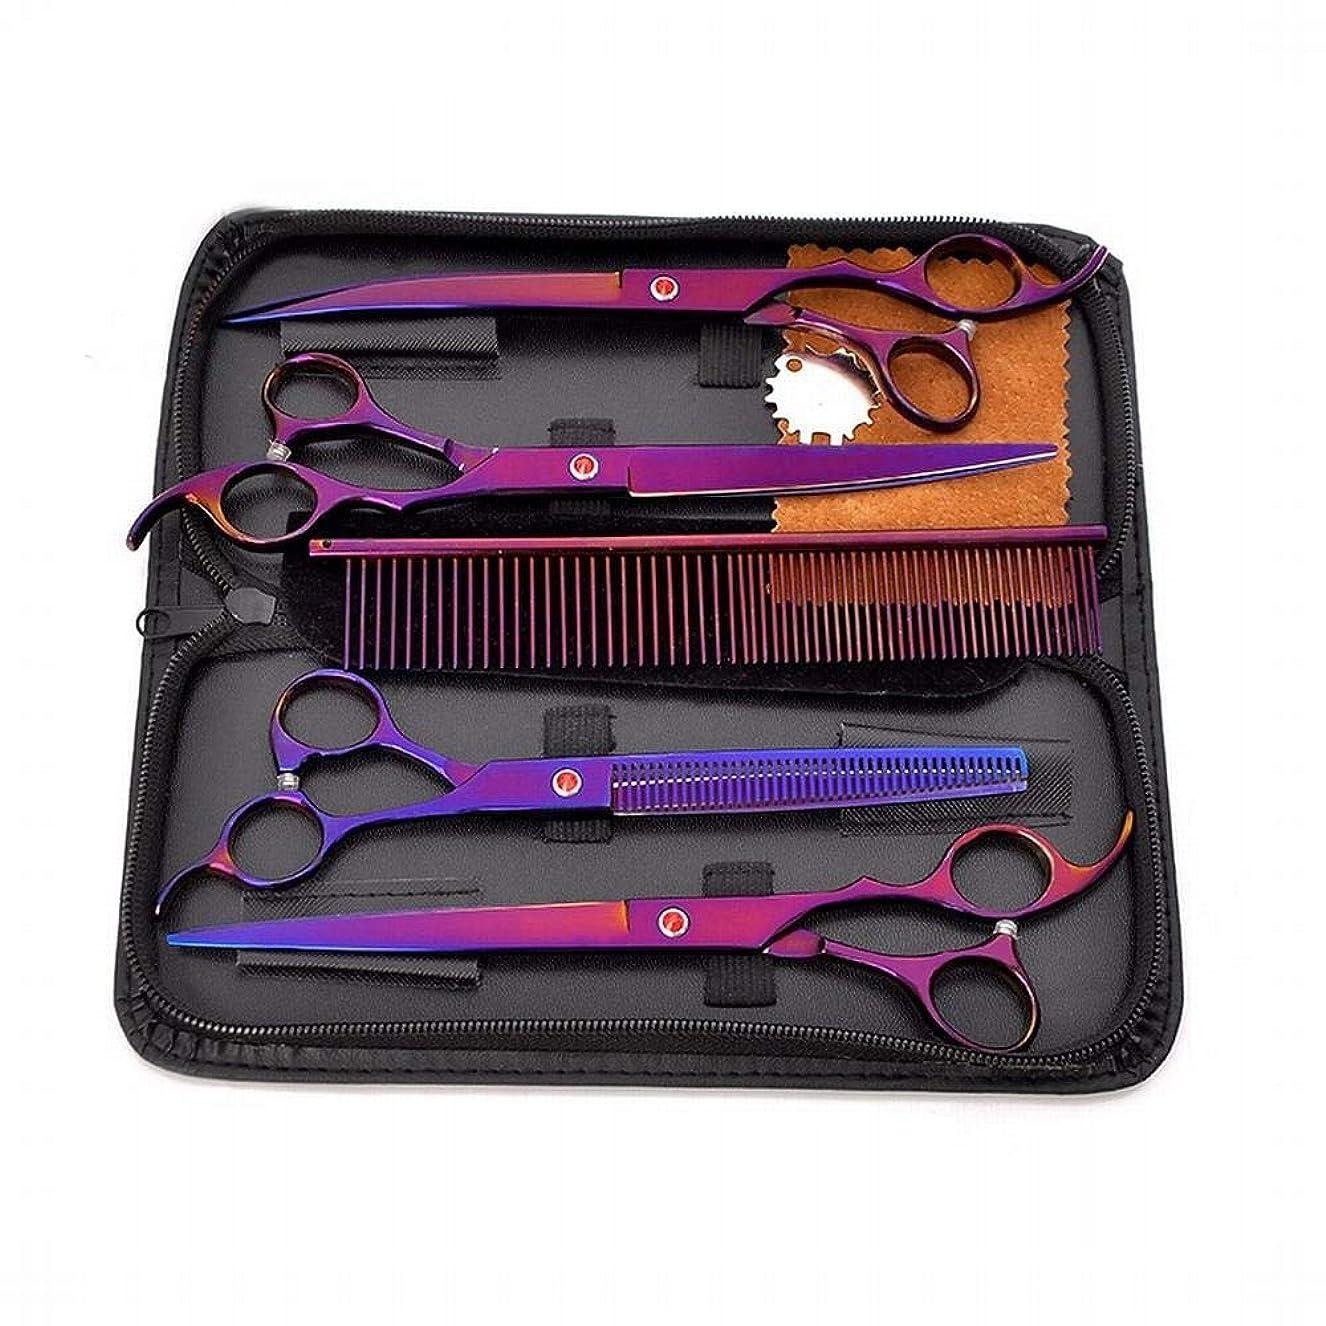 ガラス毒性わかるCAFUTY 8インチペットグルーミングハサミ4個セット、ステンレススチールパープルペットプロ理髪セットフラットカット+歯ハサミ (色 : 紫の)